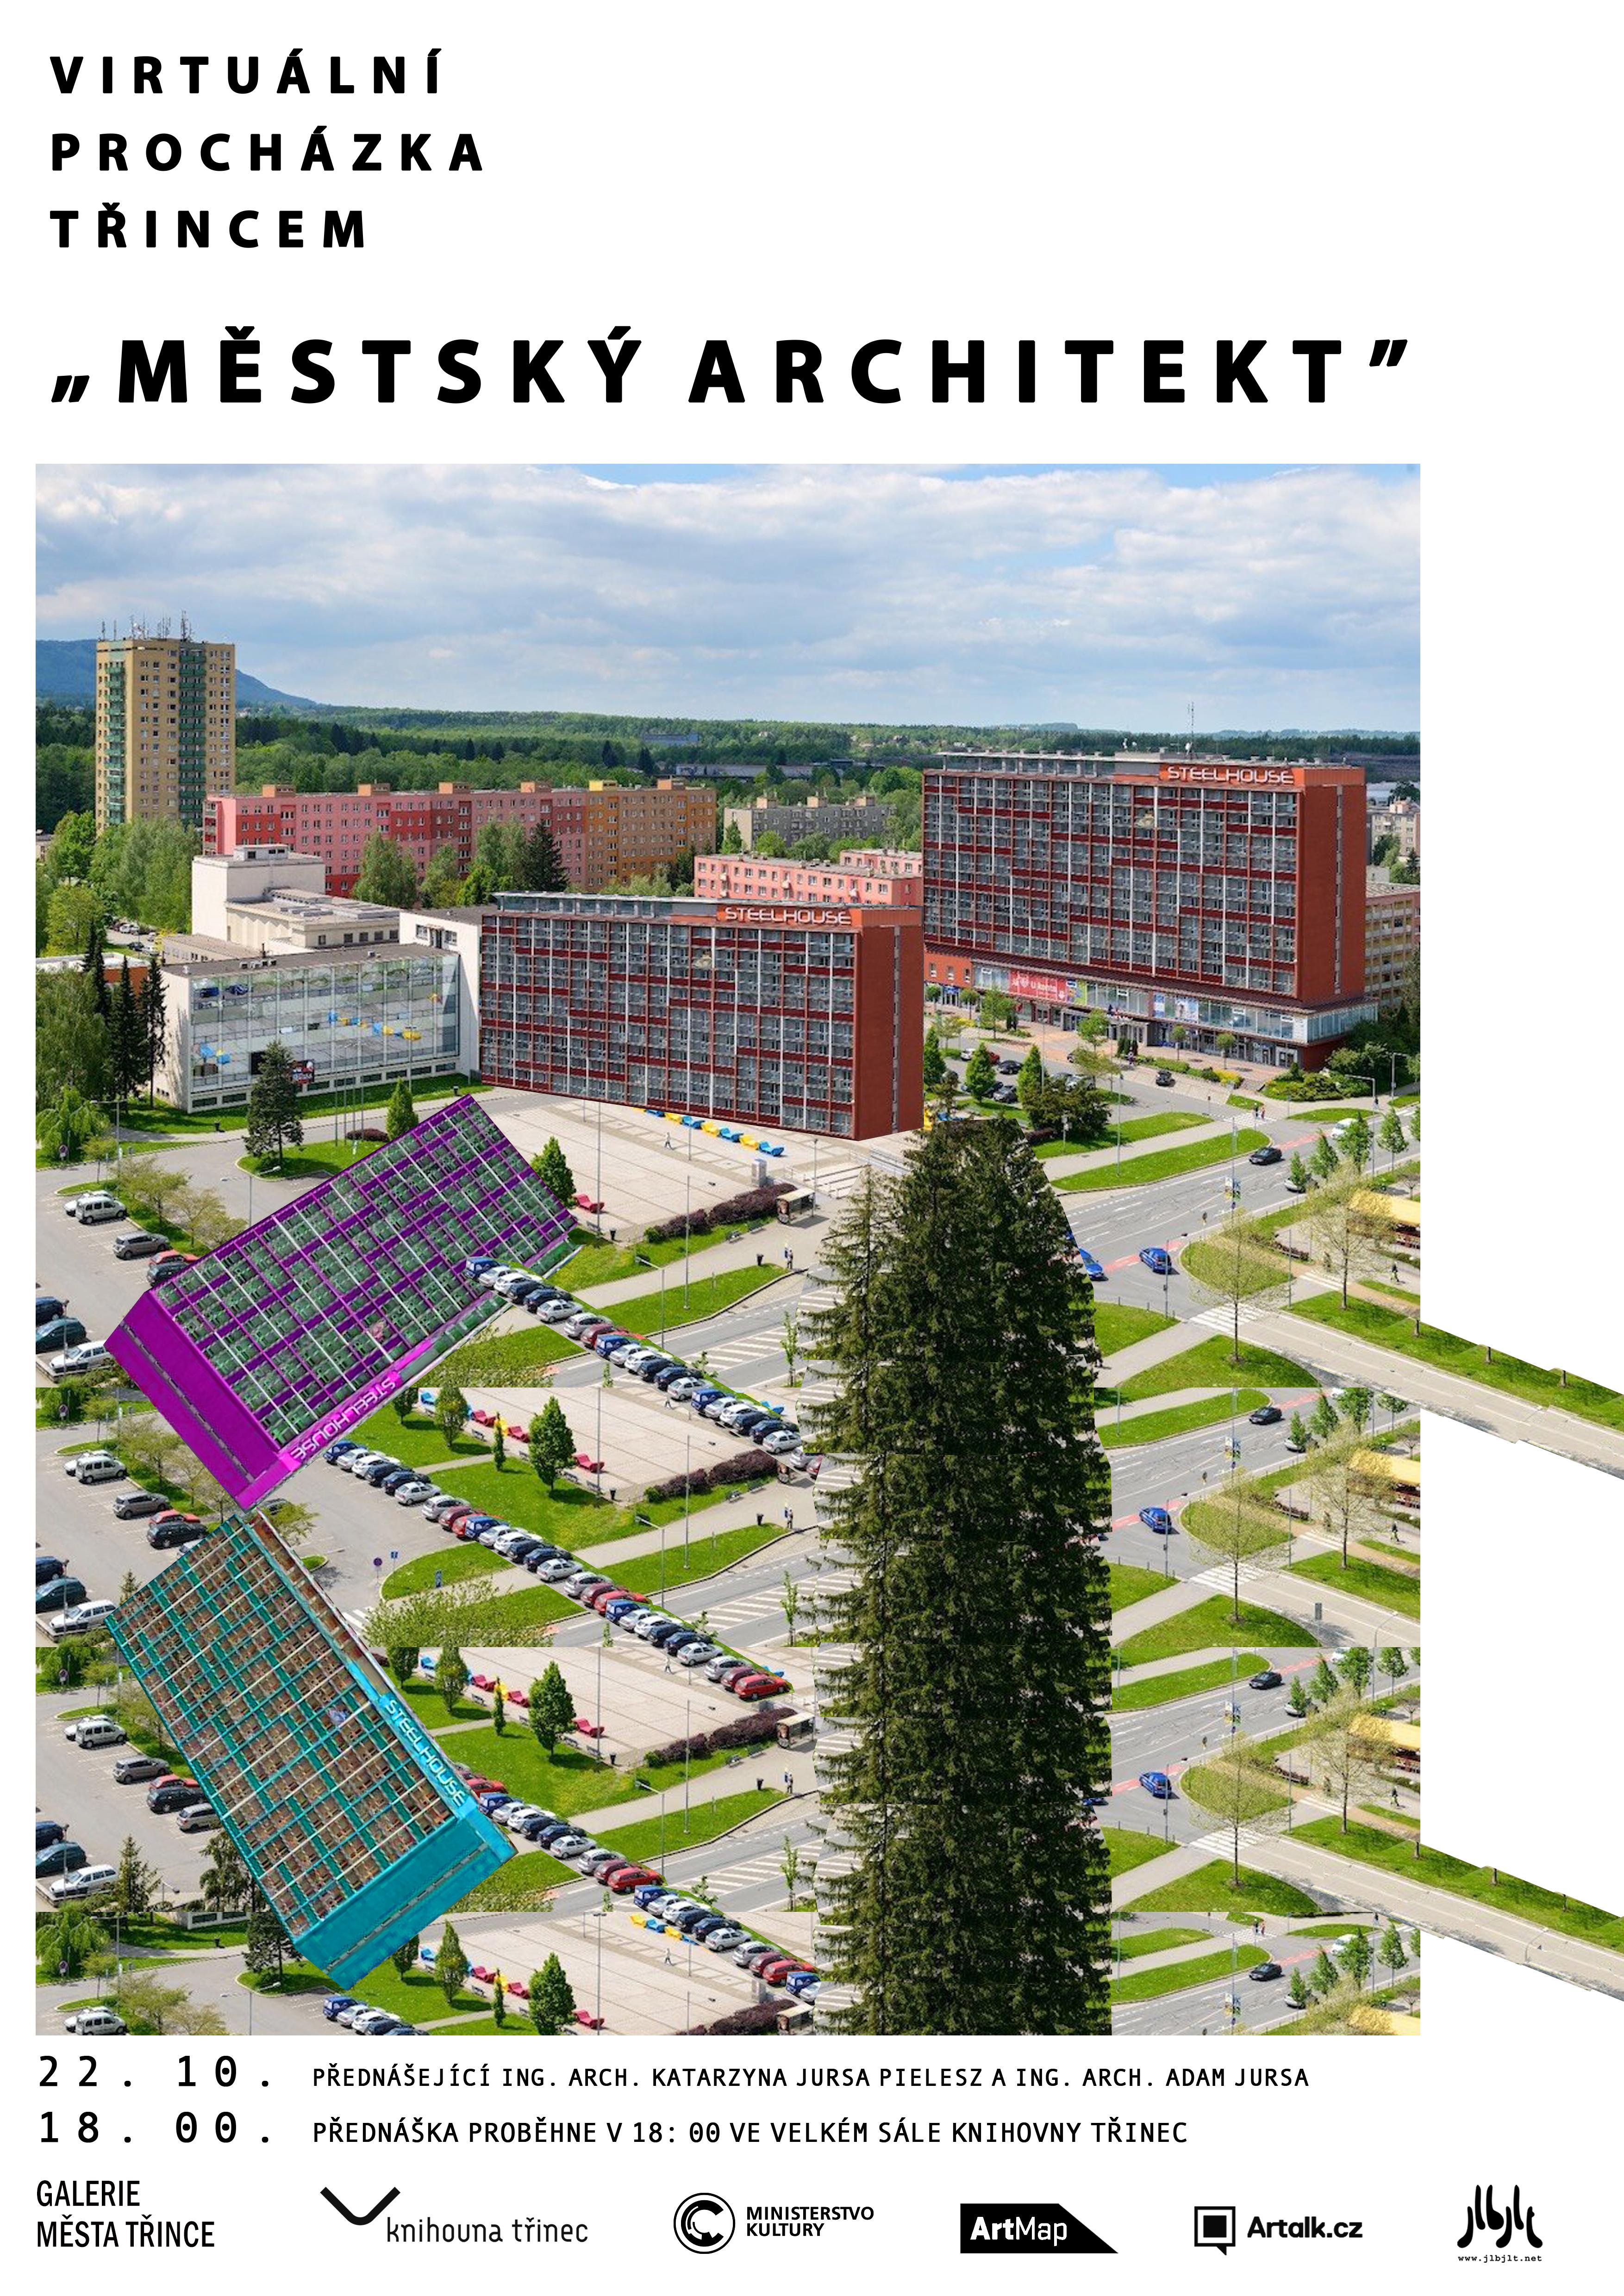 Virtuální procházka Třincem: Městský architekt